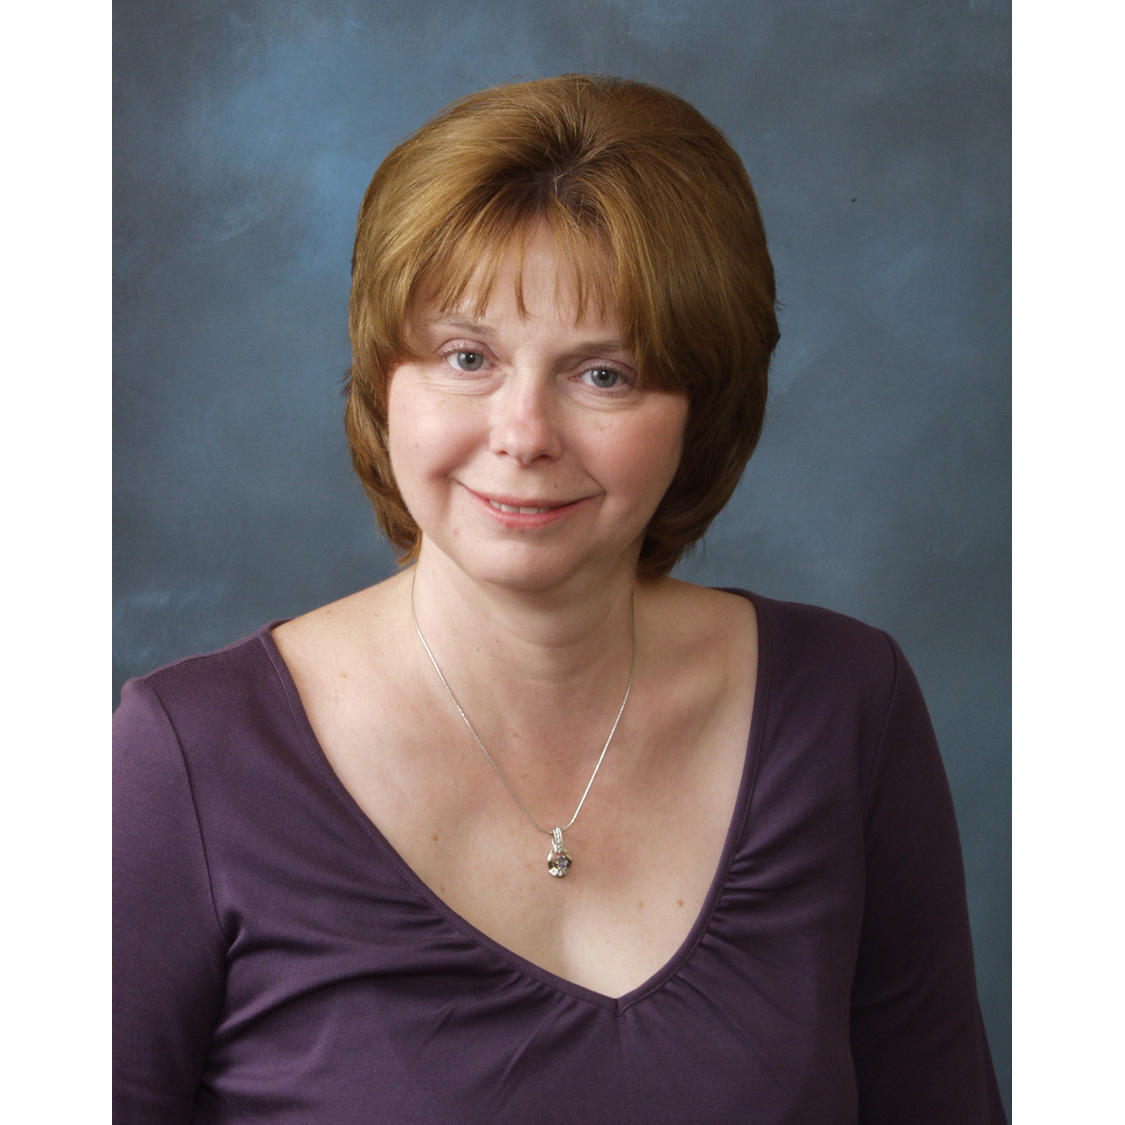 Doreen M. Rioux, DO - Yorba Linda, CA 92886 - (714)577-6680 | ShowMeLocal.com